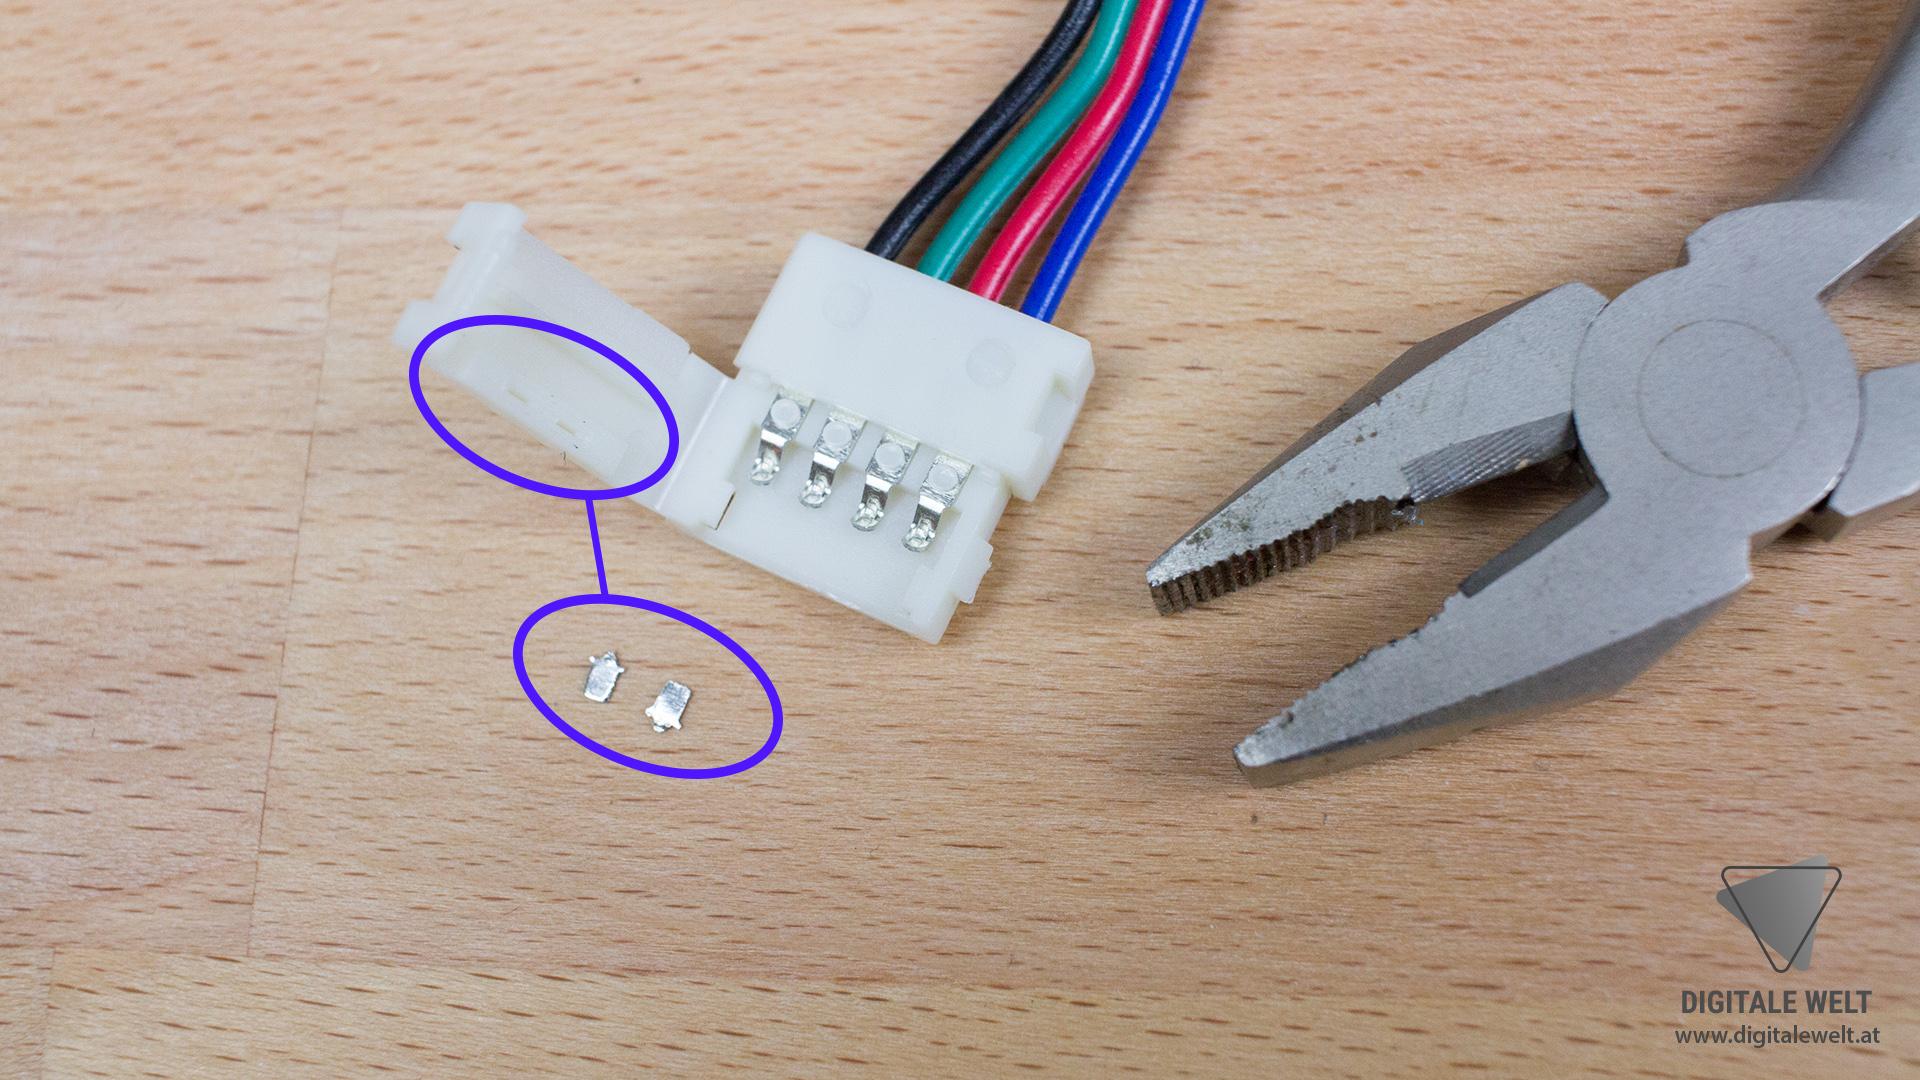 Ambilight ohne Löten - Metallstifte entfernt (DigitaleWelt)